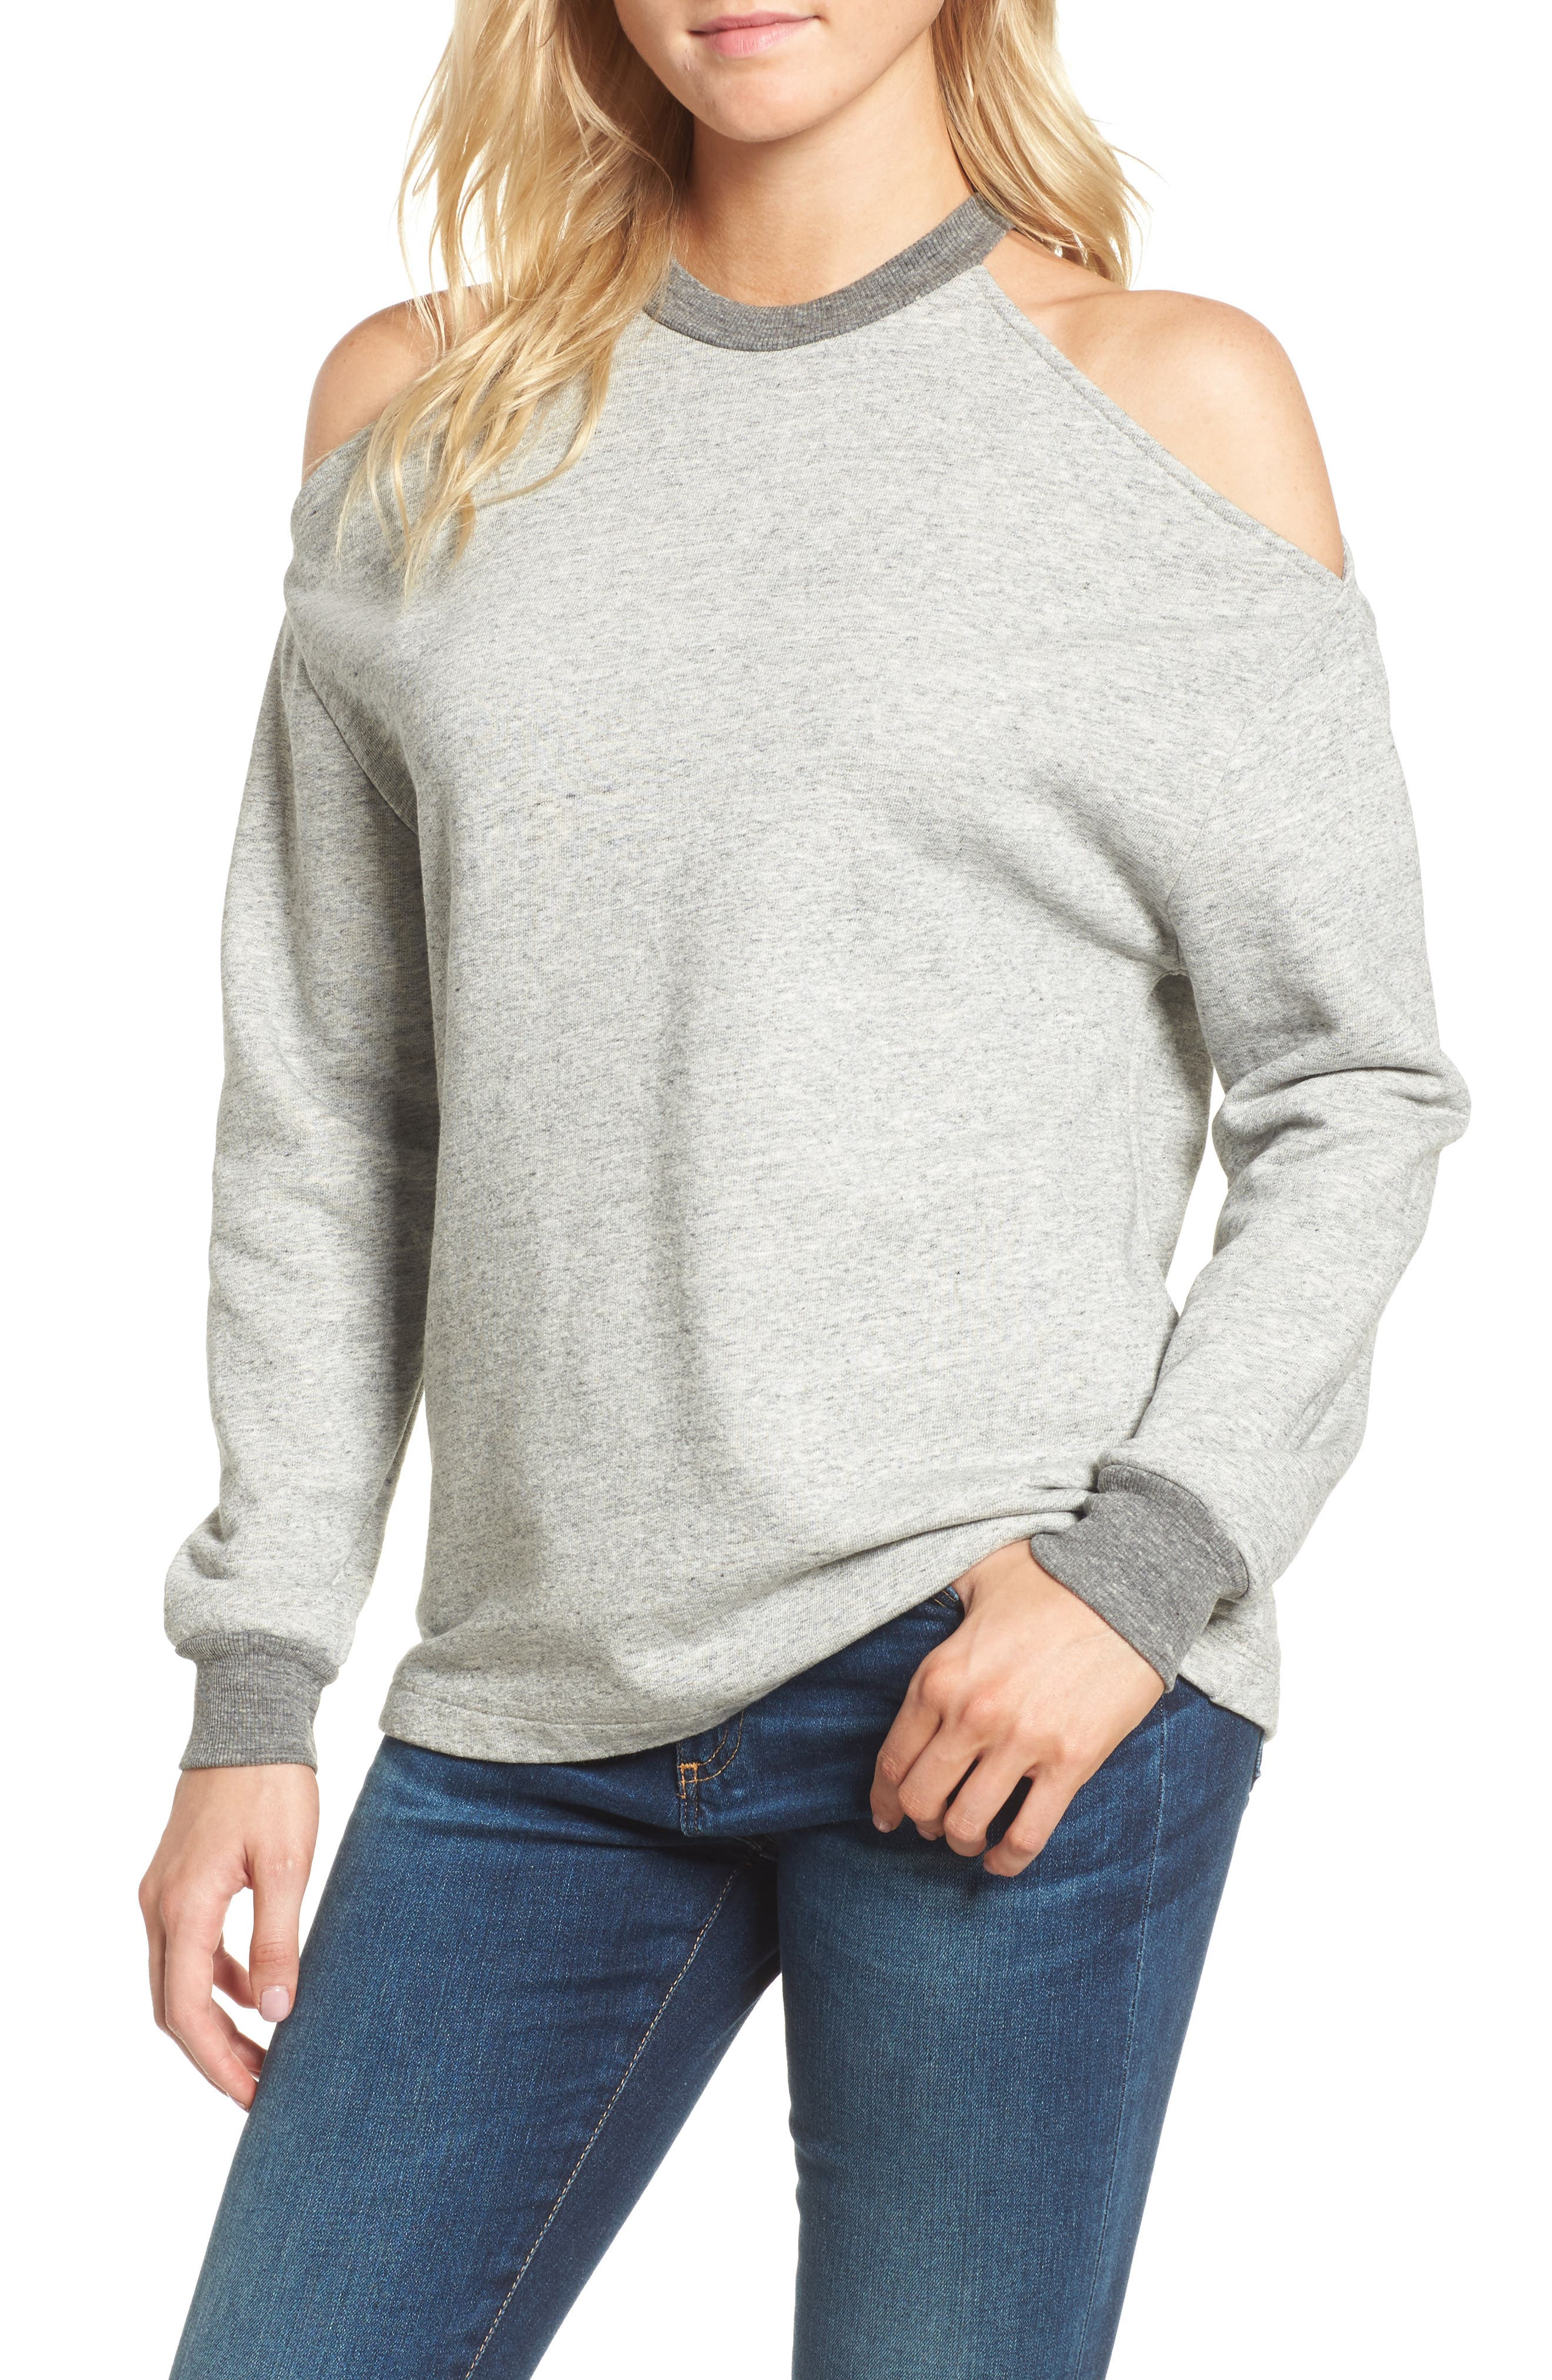 Alternate Image 1 Selected - AG Gizi Cold Shoulder Sweatshirt